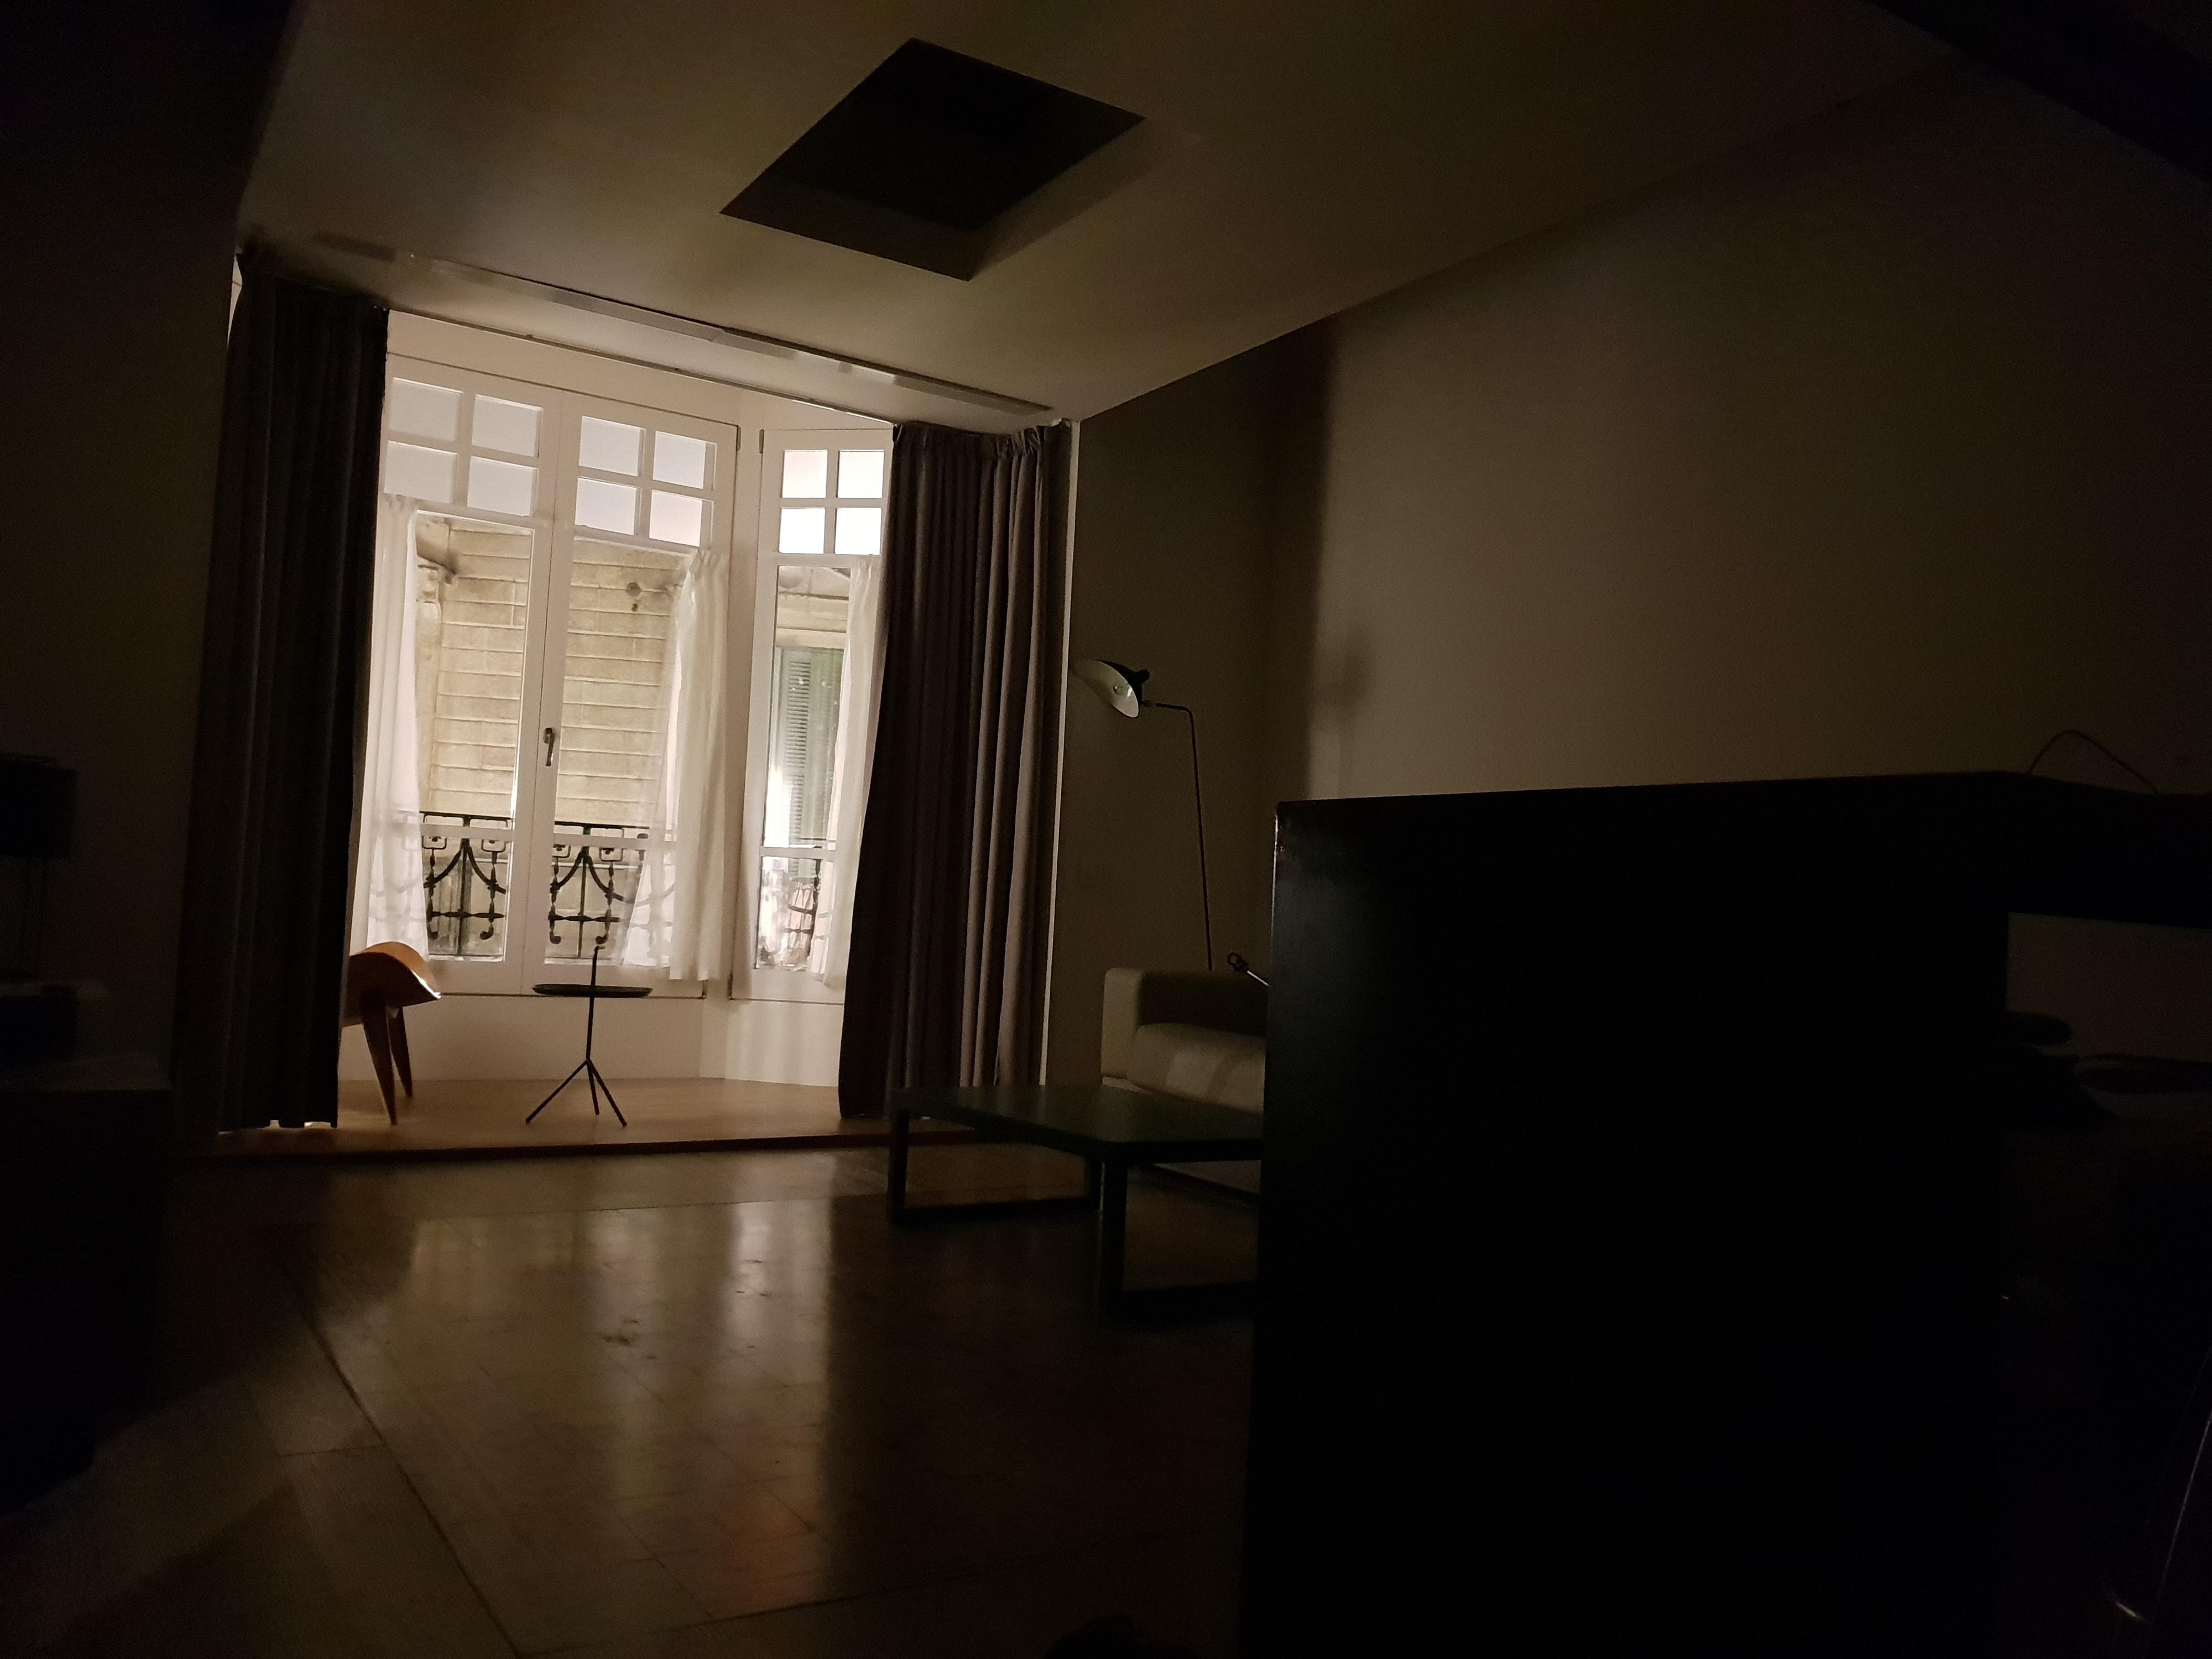 Mørklagt leilighet.